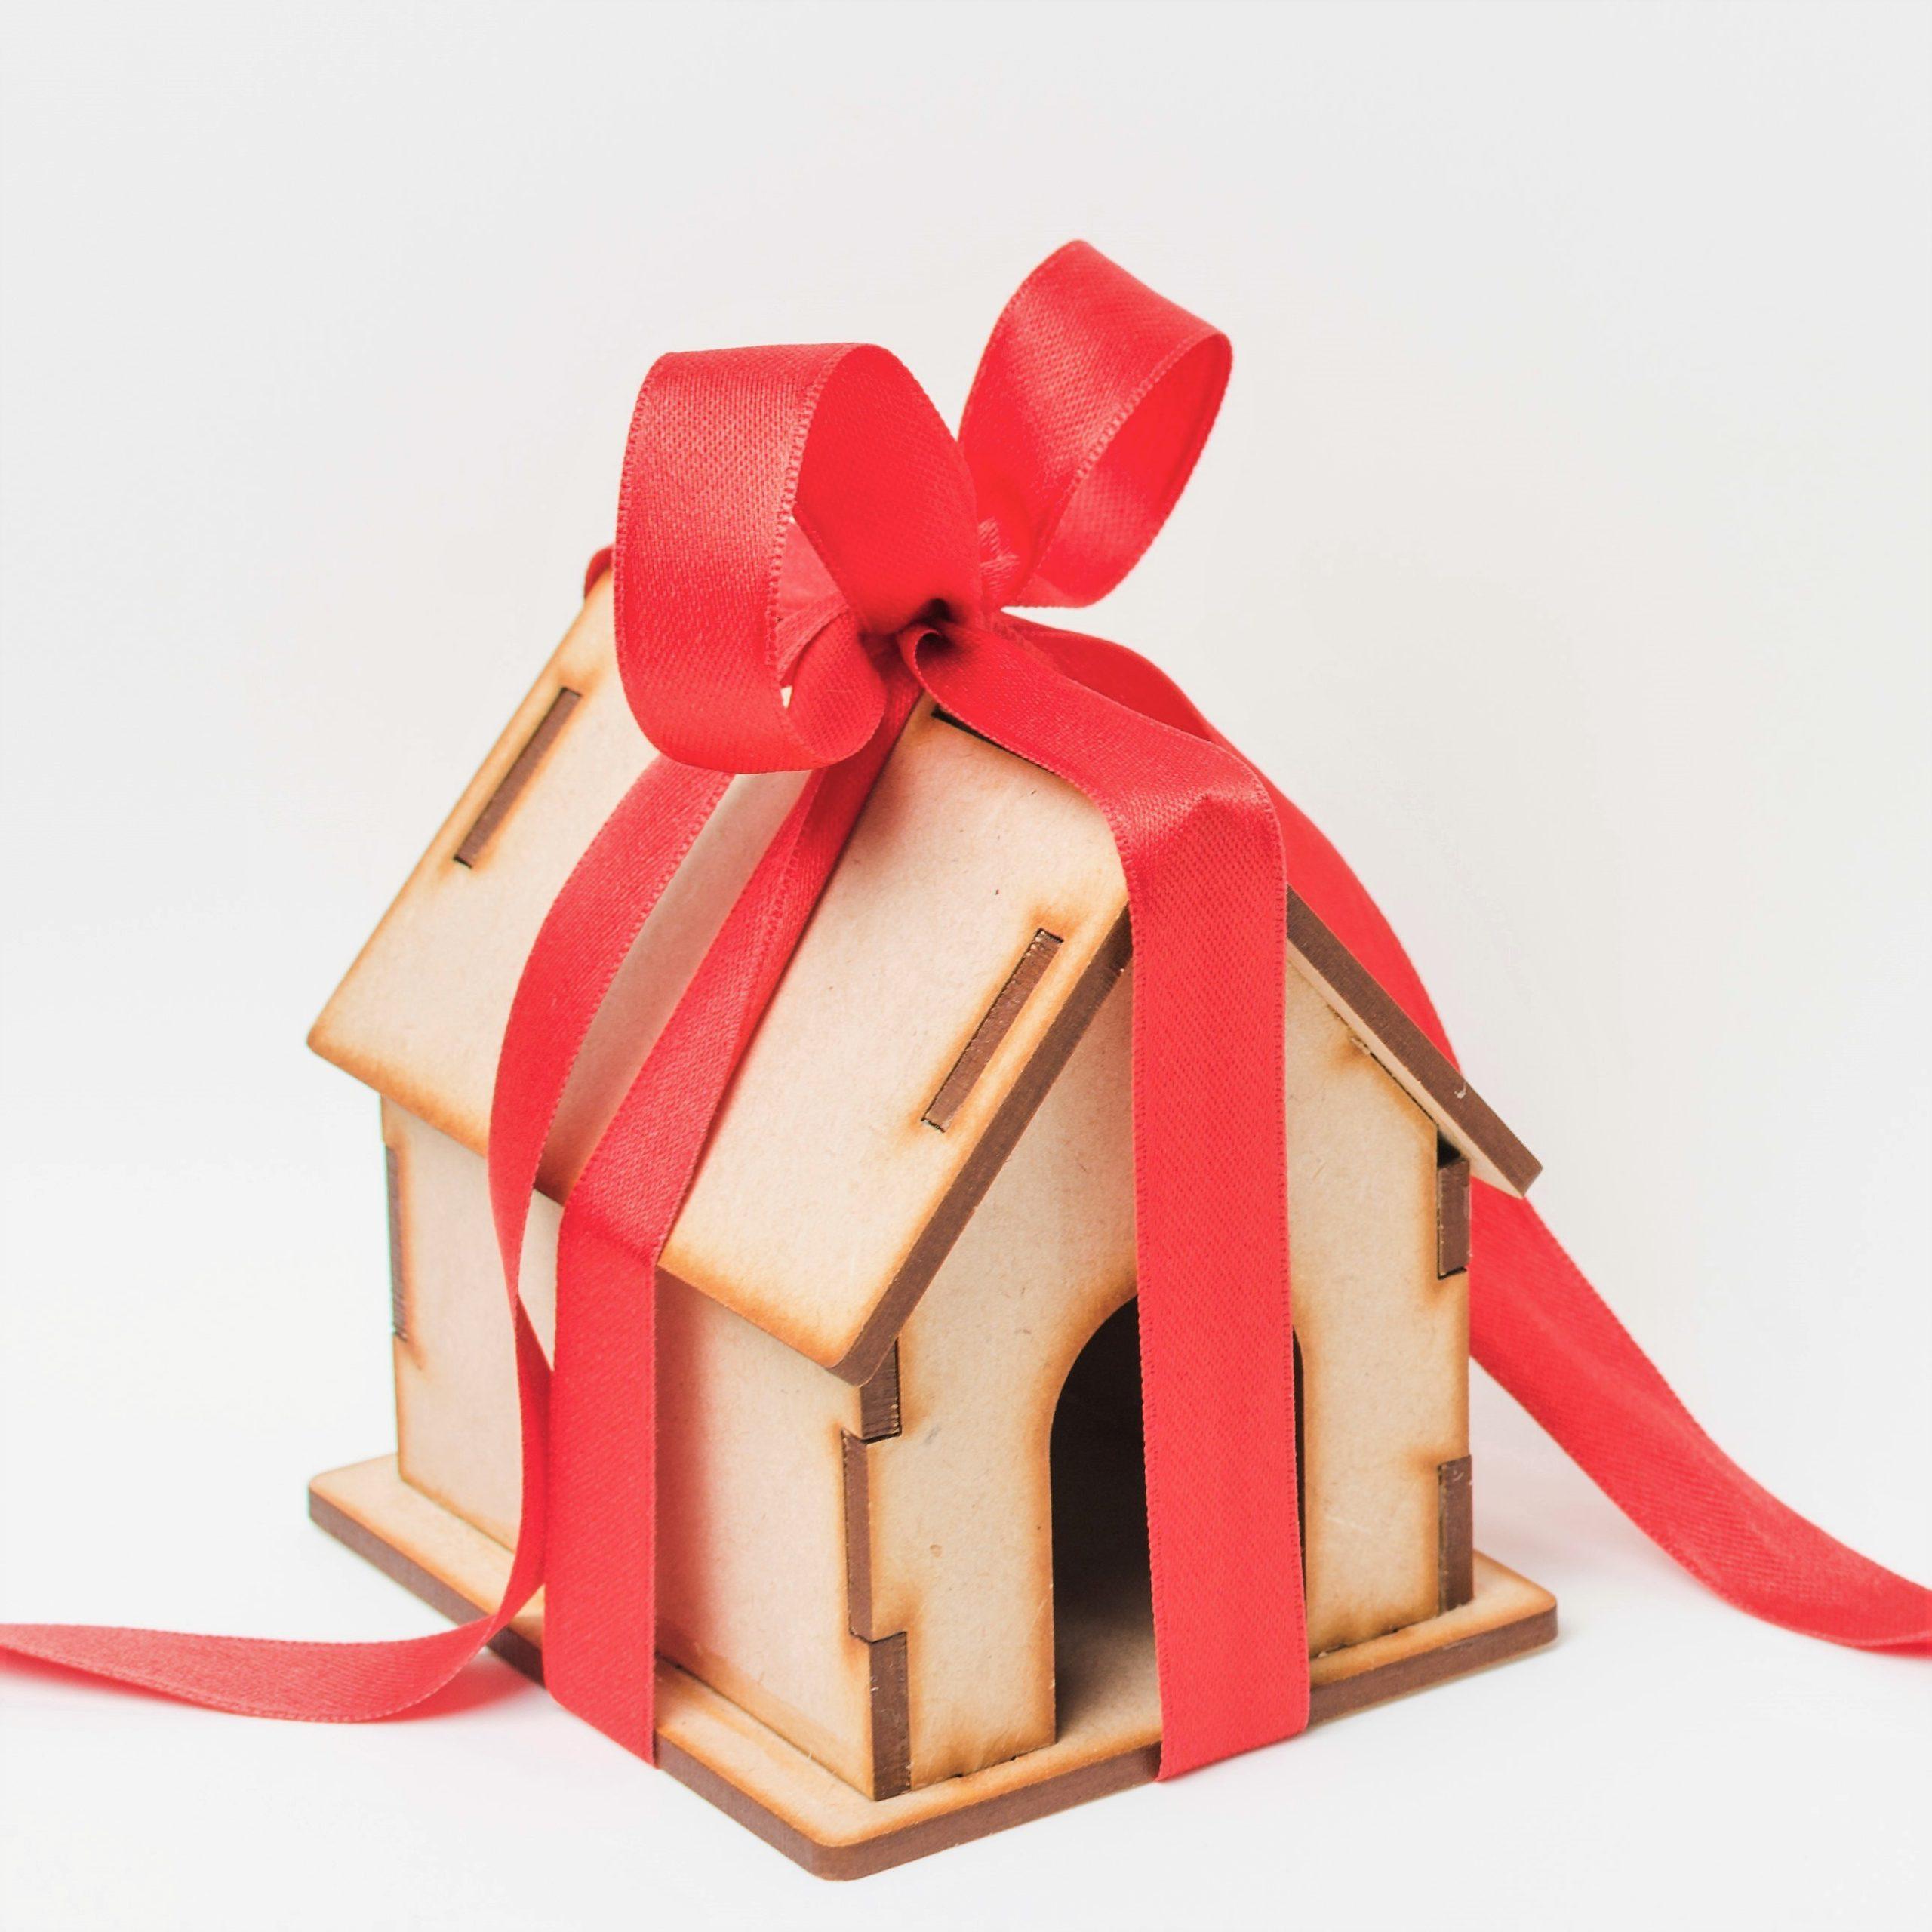 17x Origineel cadeau nieuw huis kleinigheidje